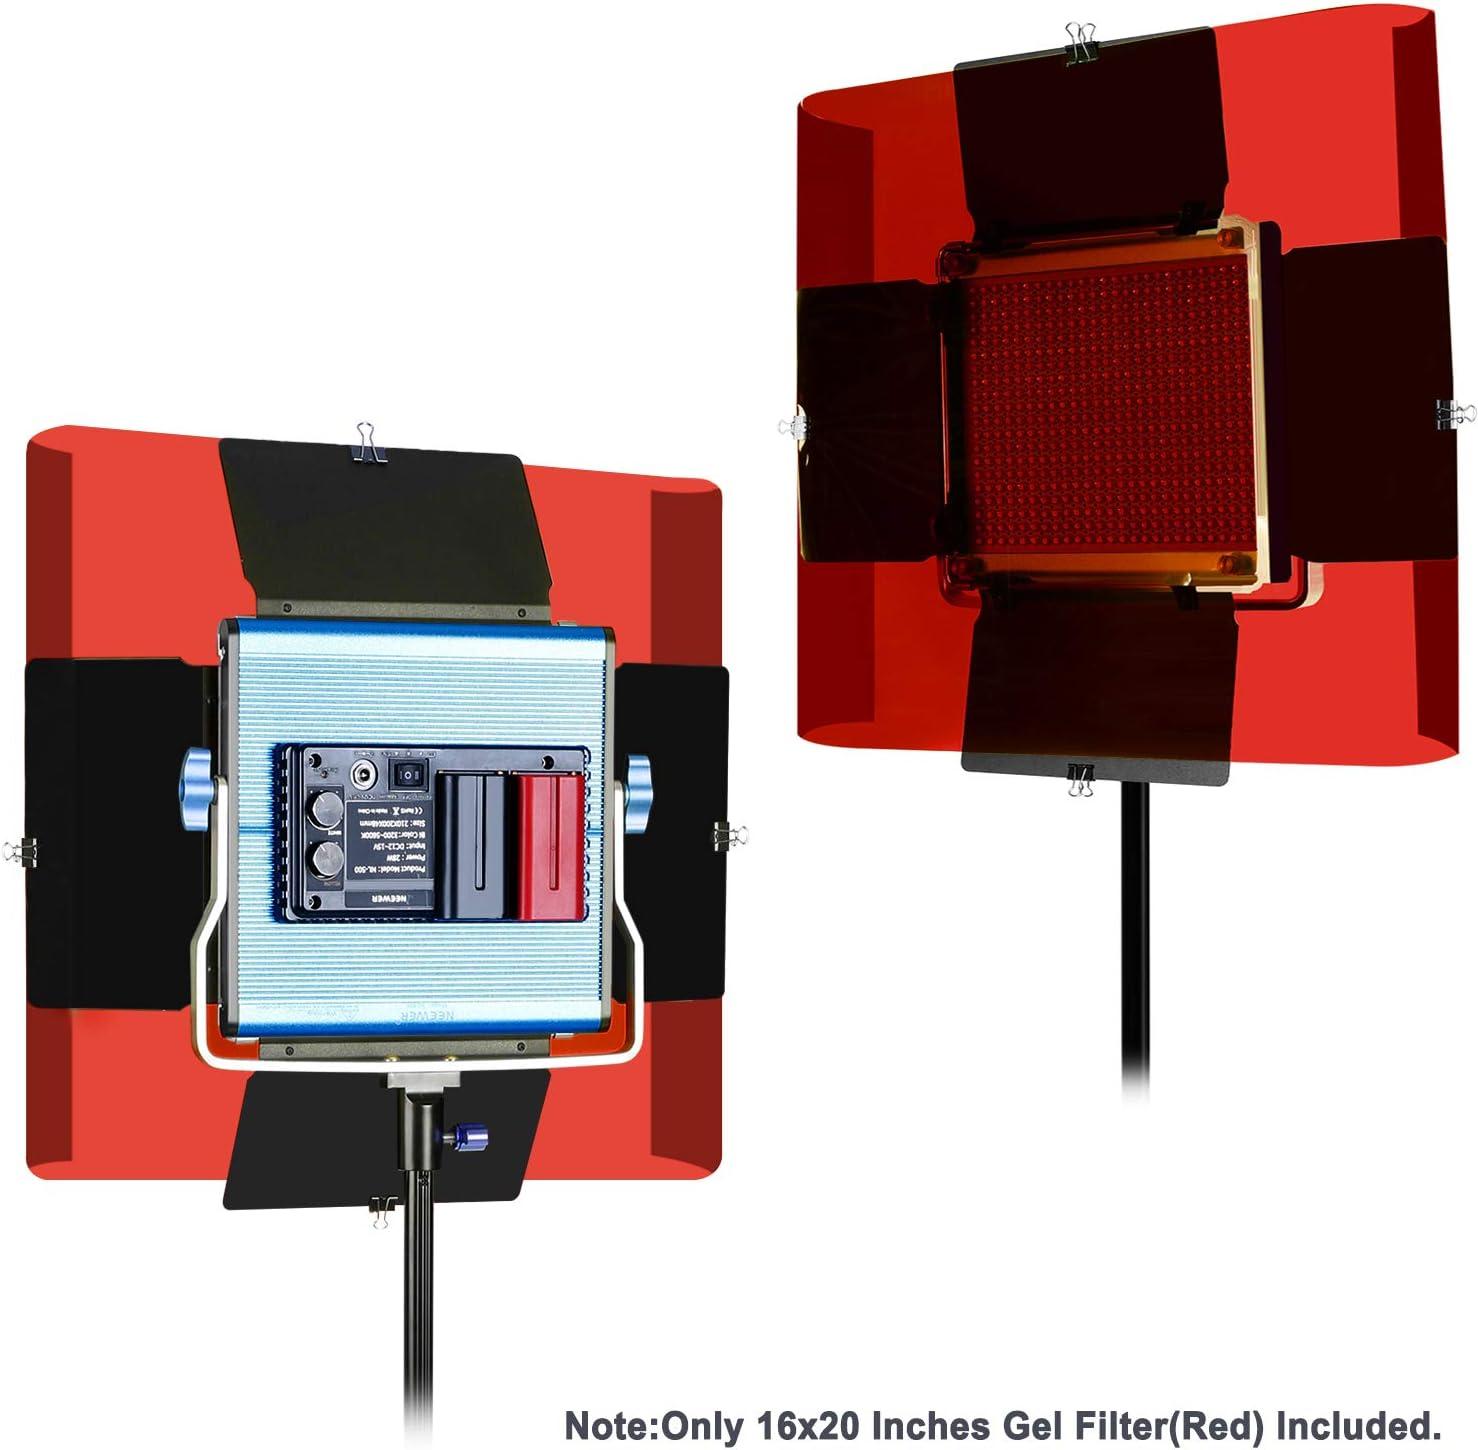 Neewer 16x20 Zoll Gel Farbfilter Farbige Kamera